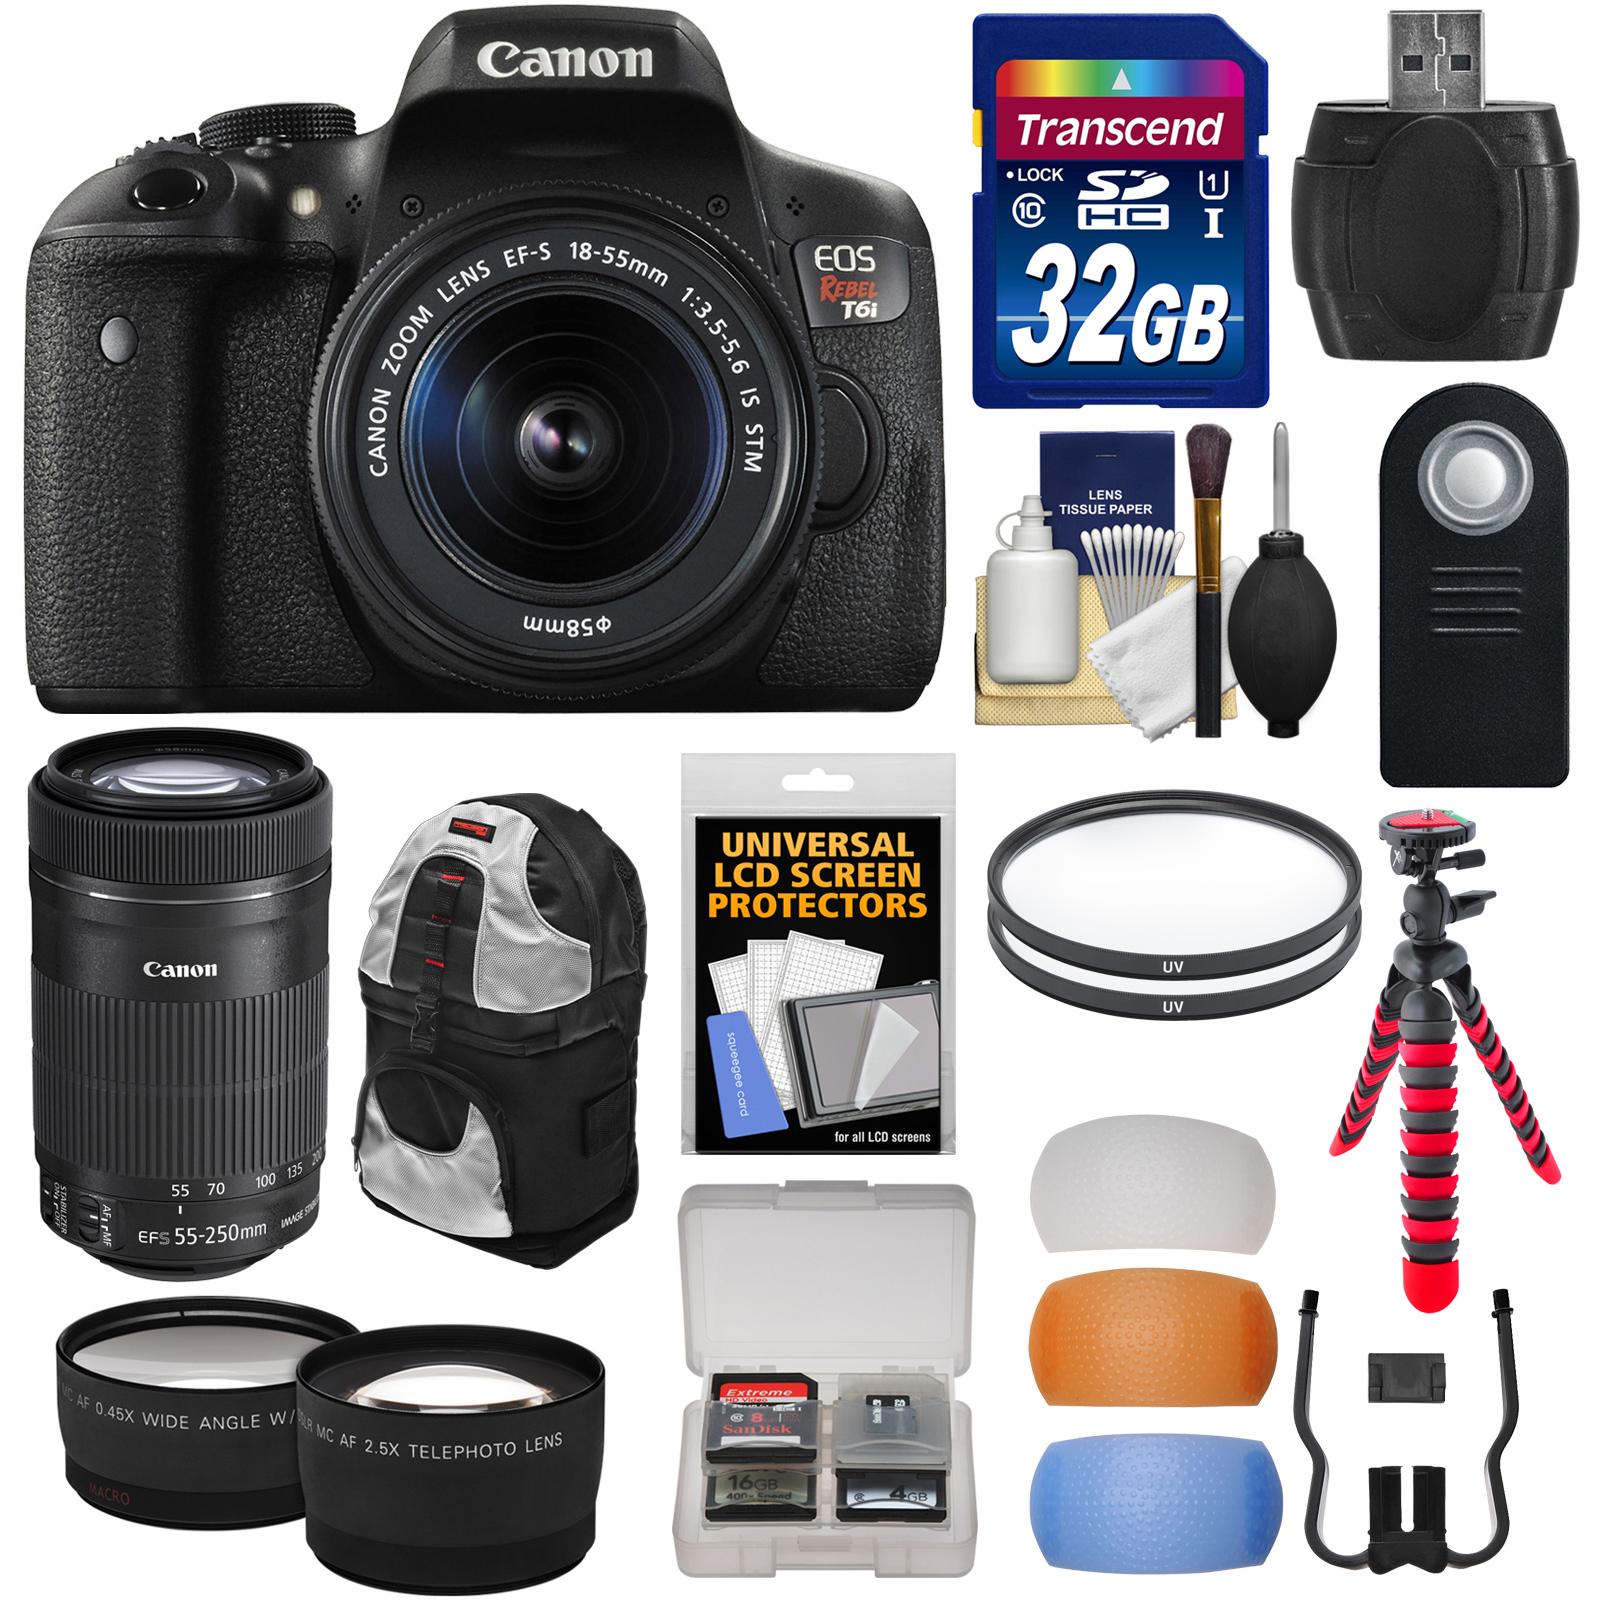 df04fc97 8ee4 4491 88f9 8b46547c0fc3 1.2371d08ad34dff9c0b8fe99de4622882 - Canon EOS Rebel T6/EOS 1300D review